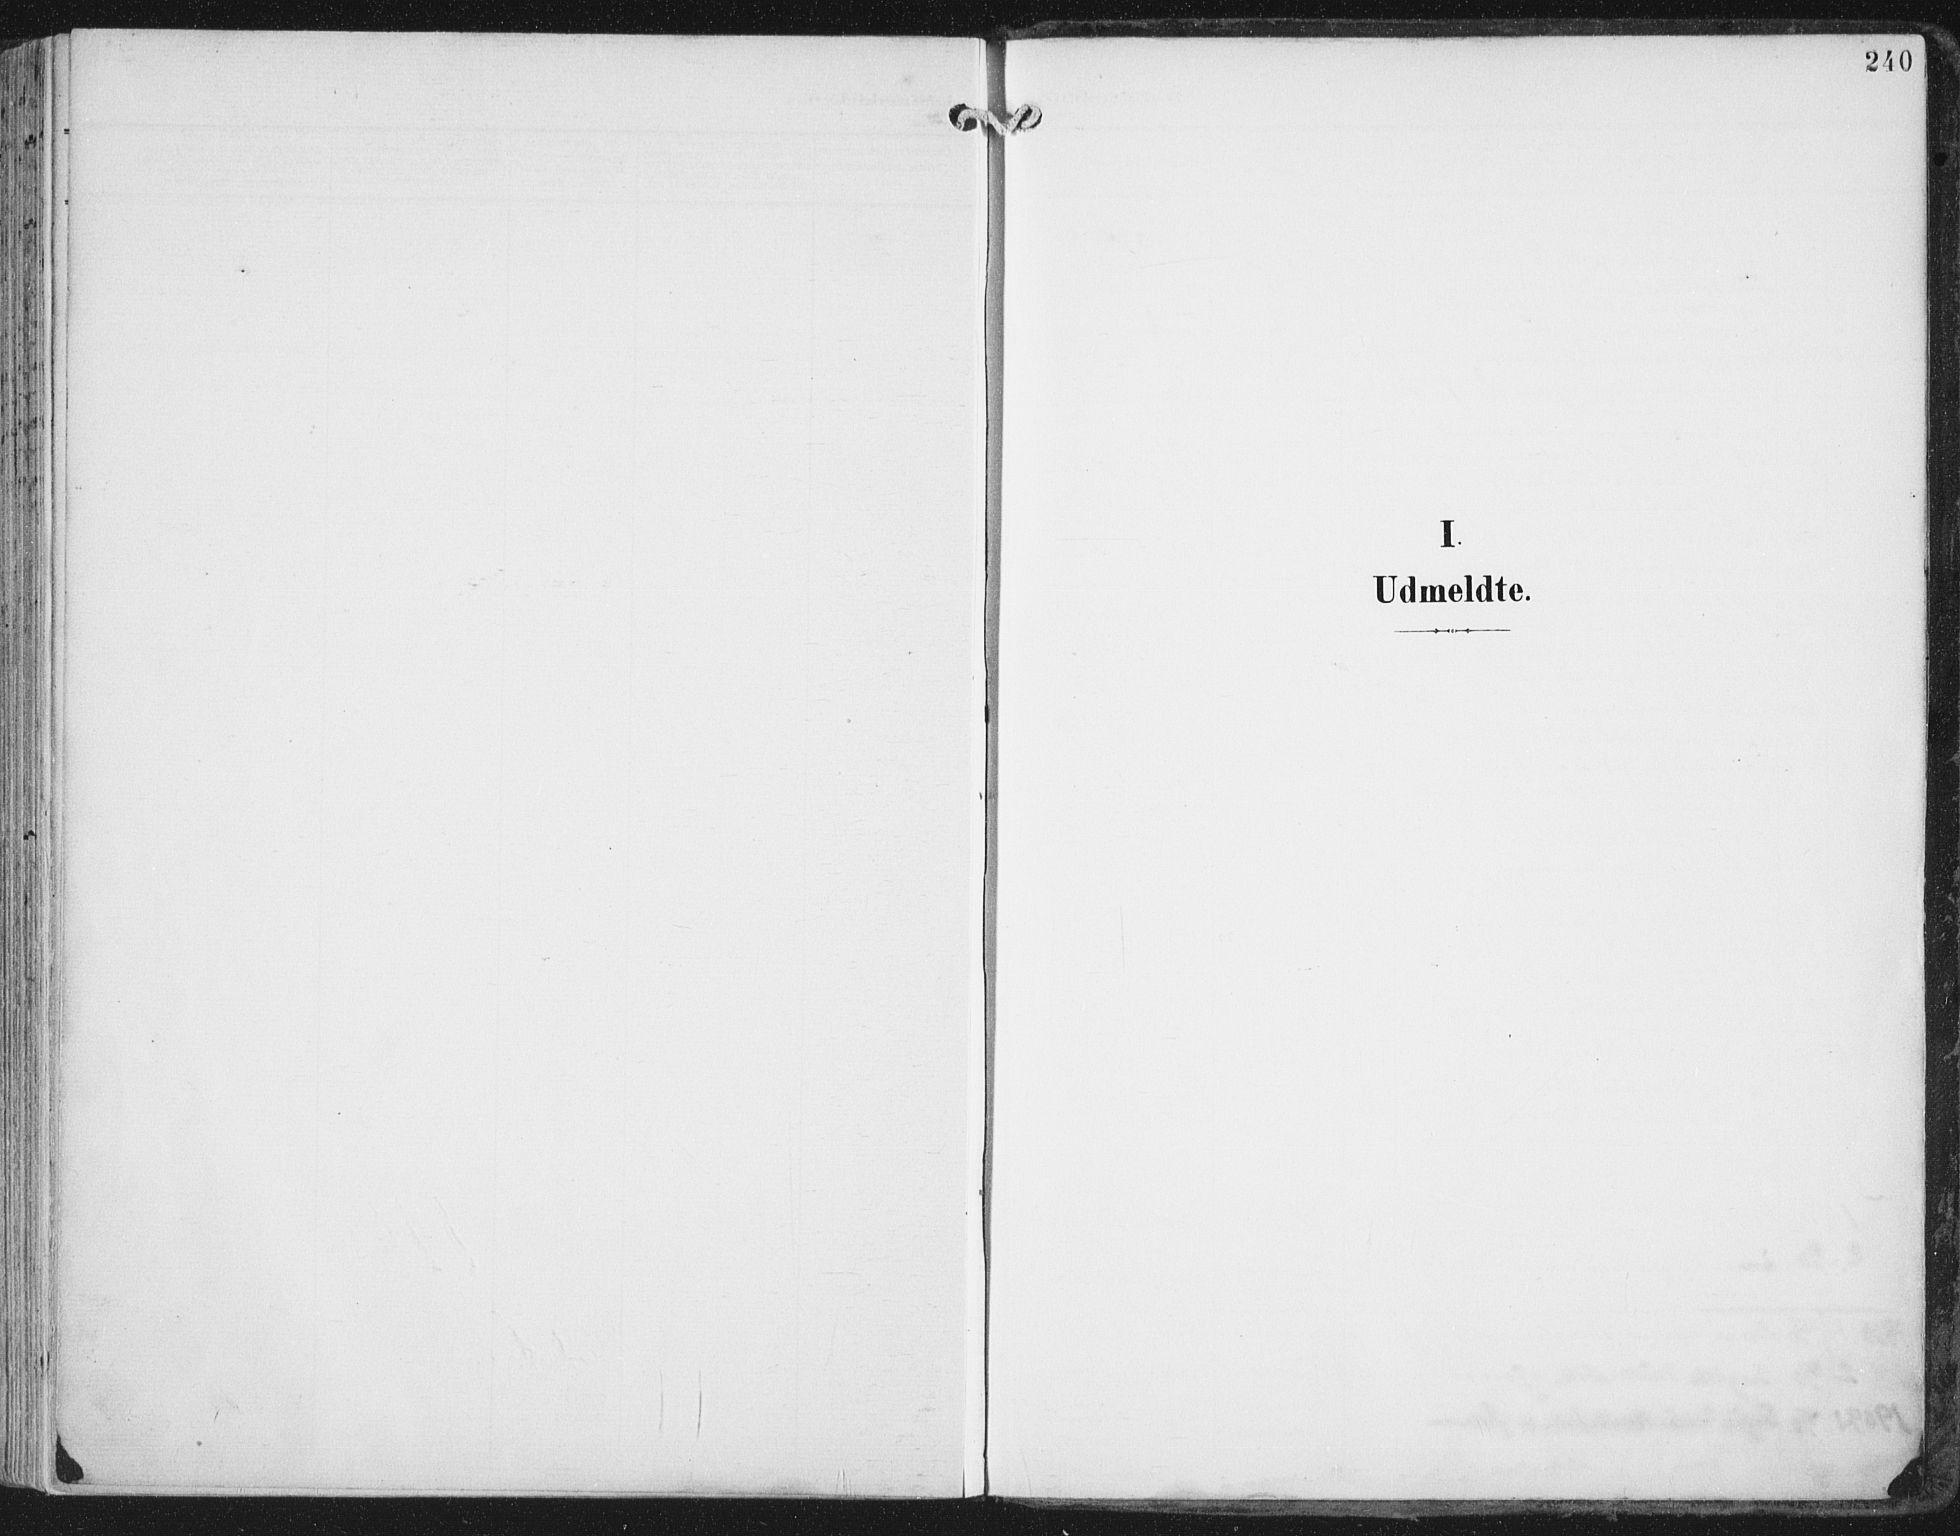 SAT, Ministerialprotokoller, klokkerbøker og fødselsregistre - Nord-Trøndelag, 786/L0688: Ministerialbok nr. 786A04, 1899-1912, s. 240